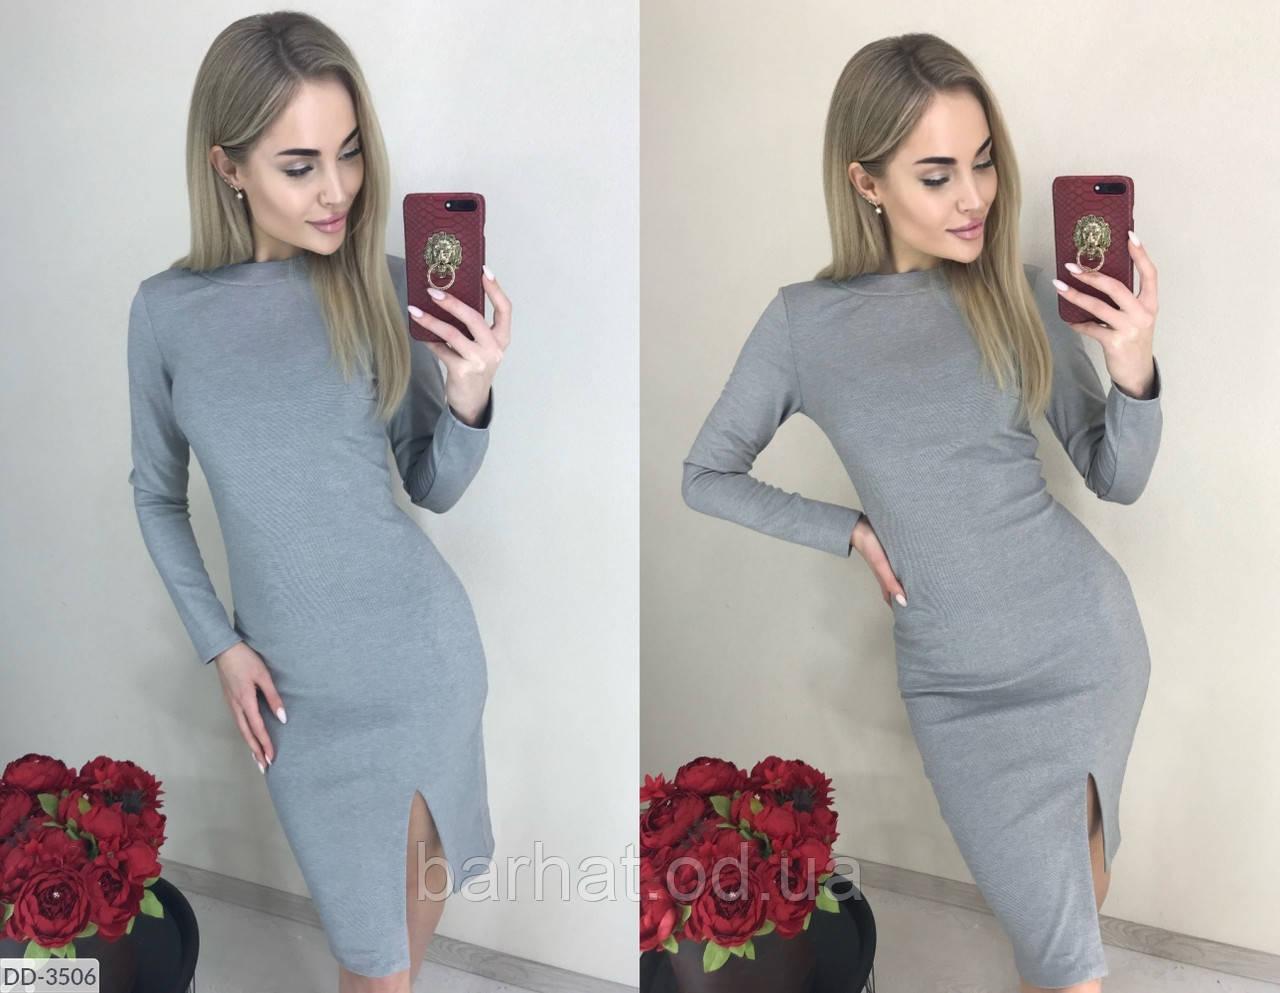 Платье женское на осень L-XL, S-M размера